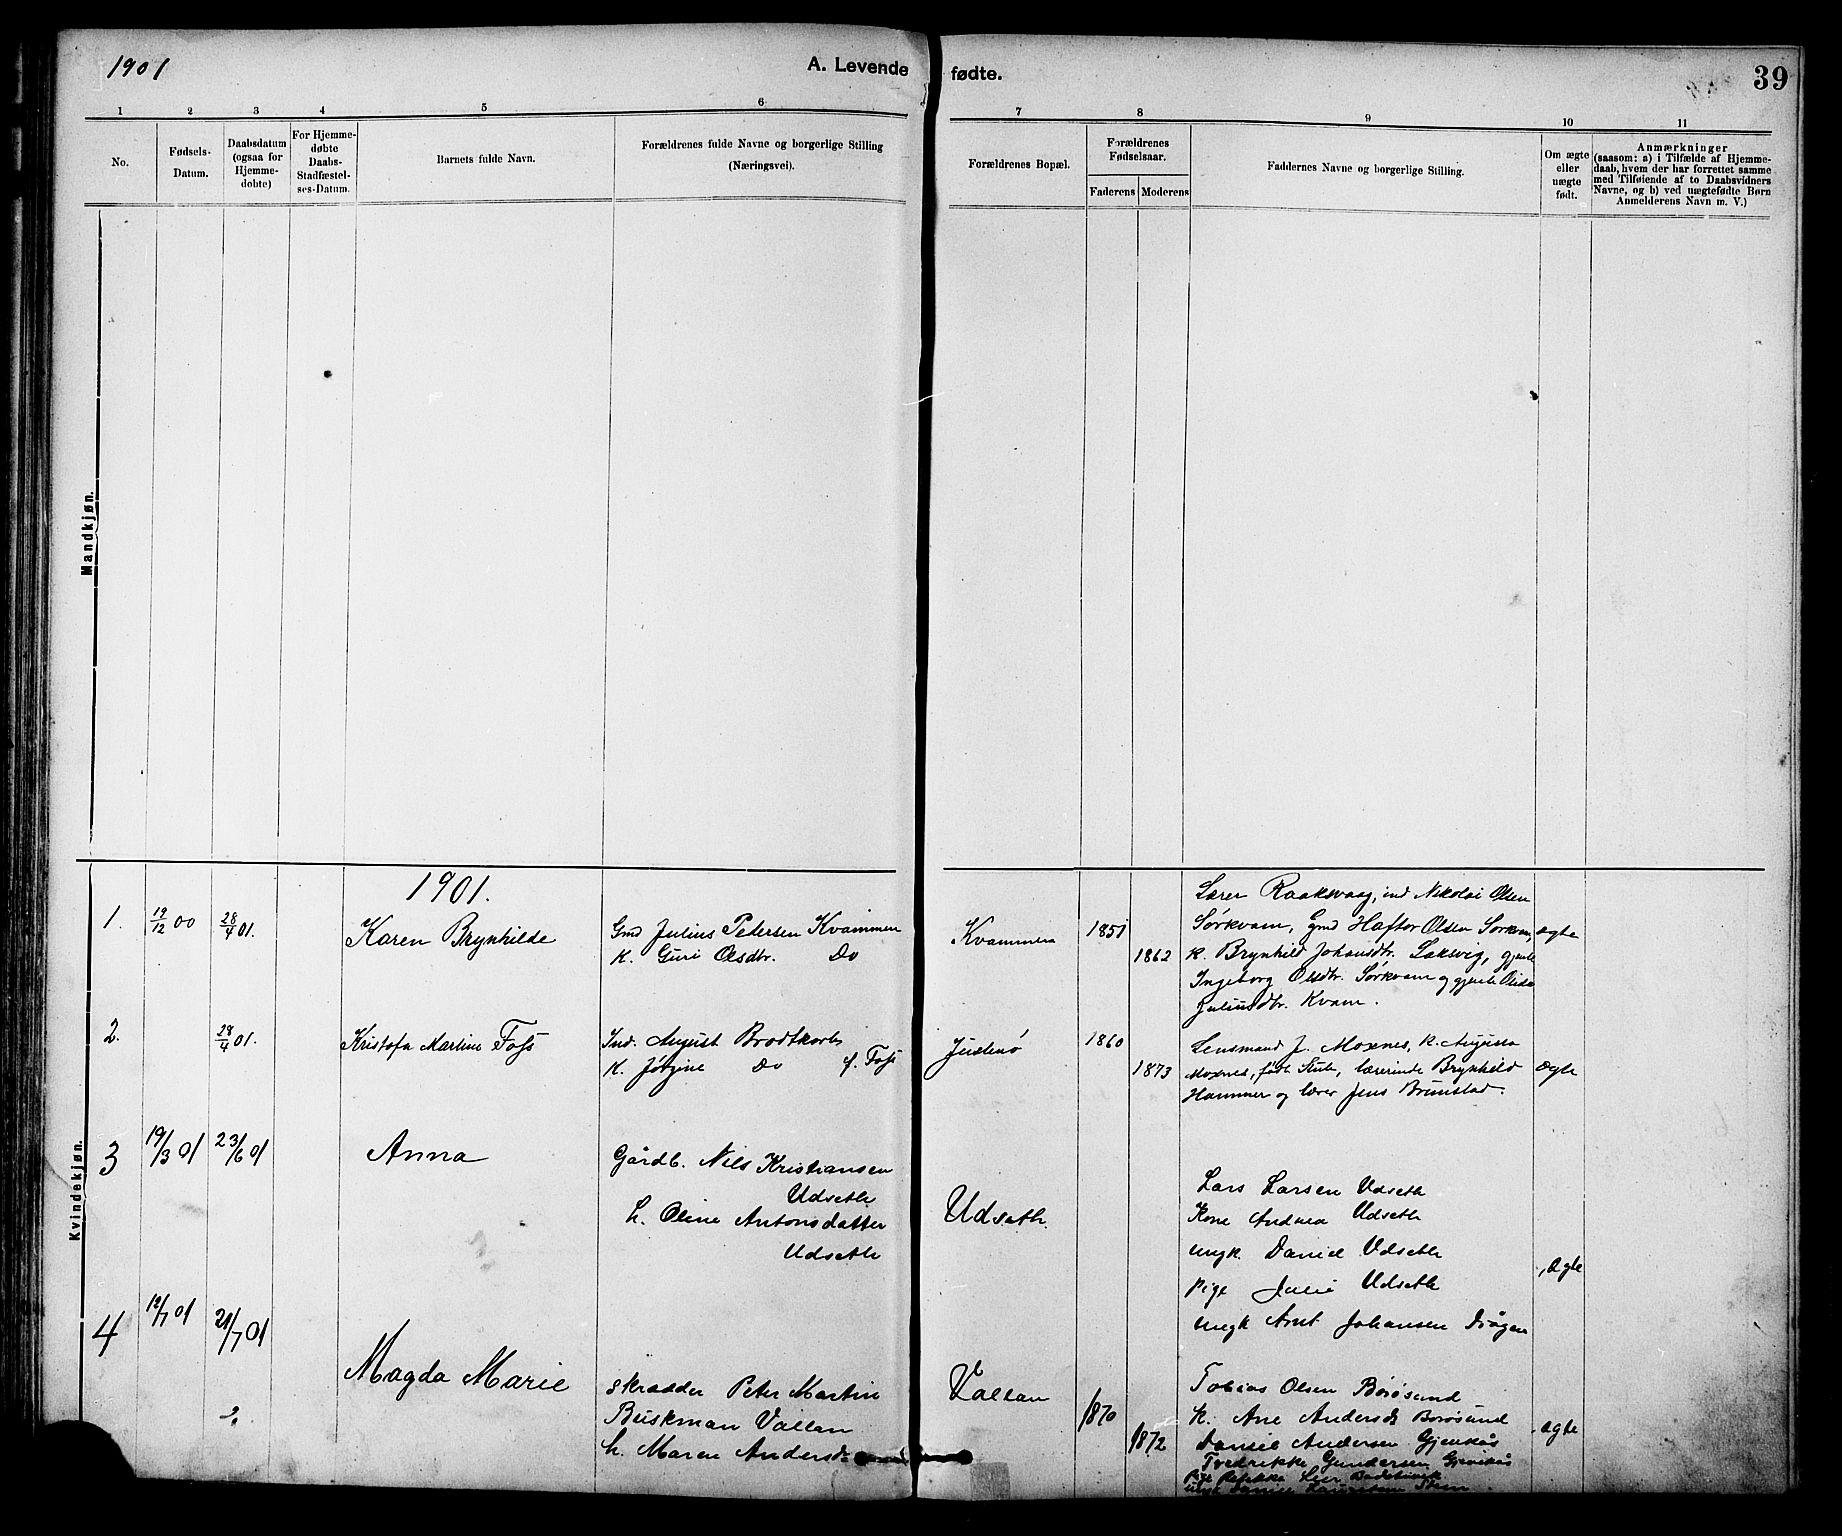 SAT, Ministerialprotokoller, klokkerbøker og fødselsregistre - Sør-Trøndelag, 639/L0573: Klokkerbok nr. 639C01, 1890-1905, s. 39